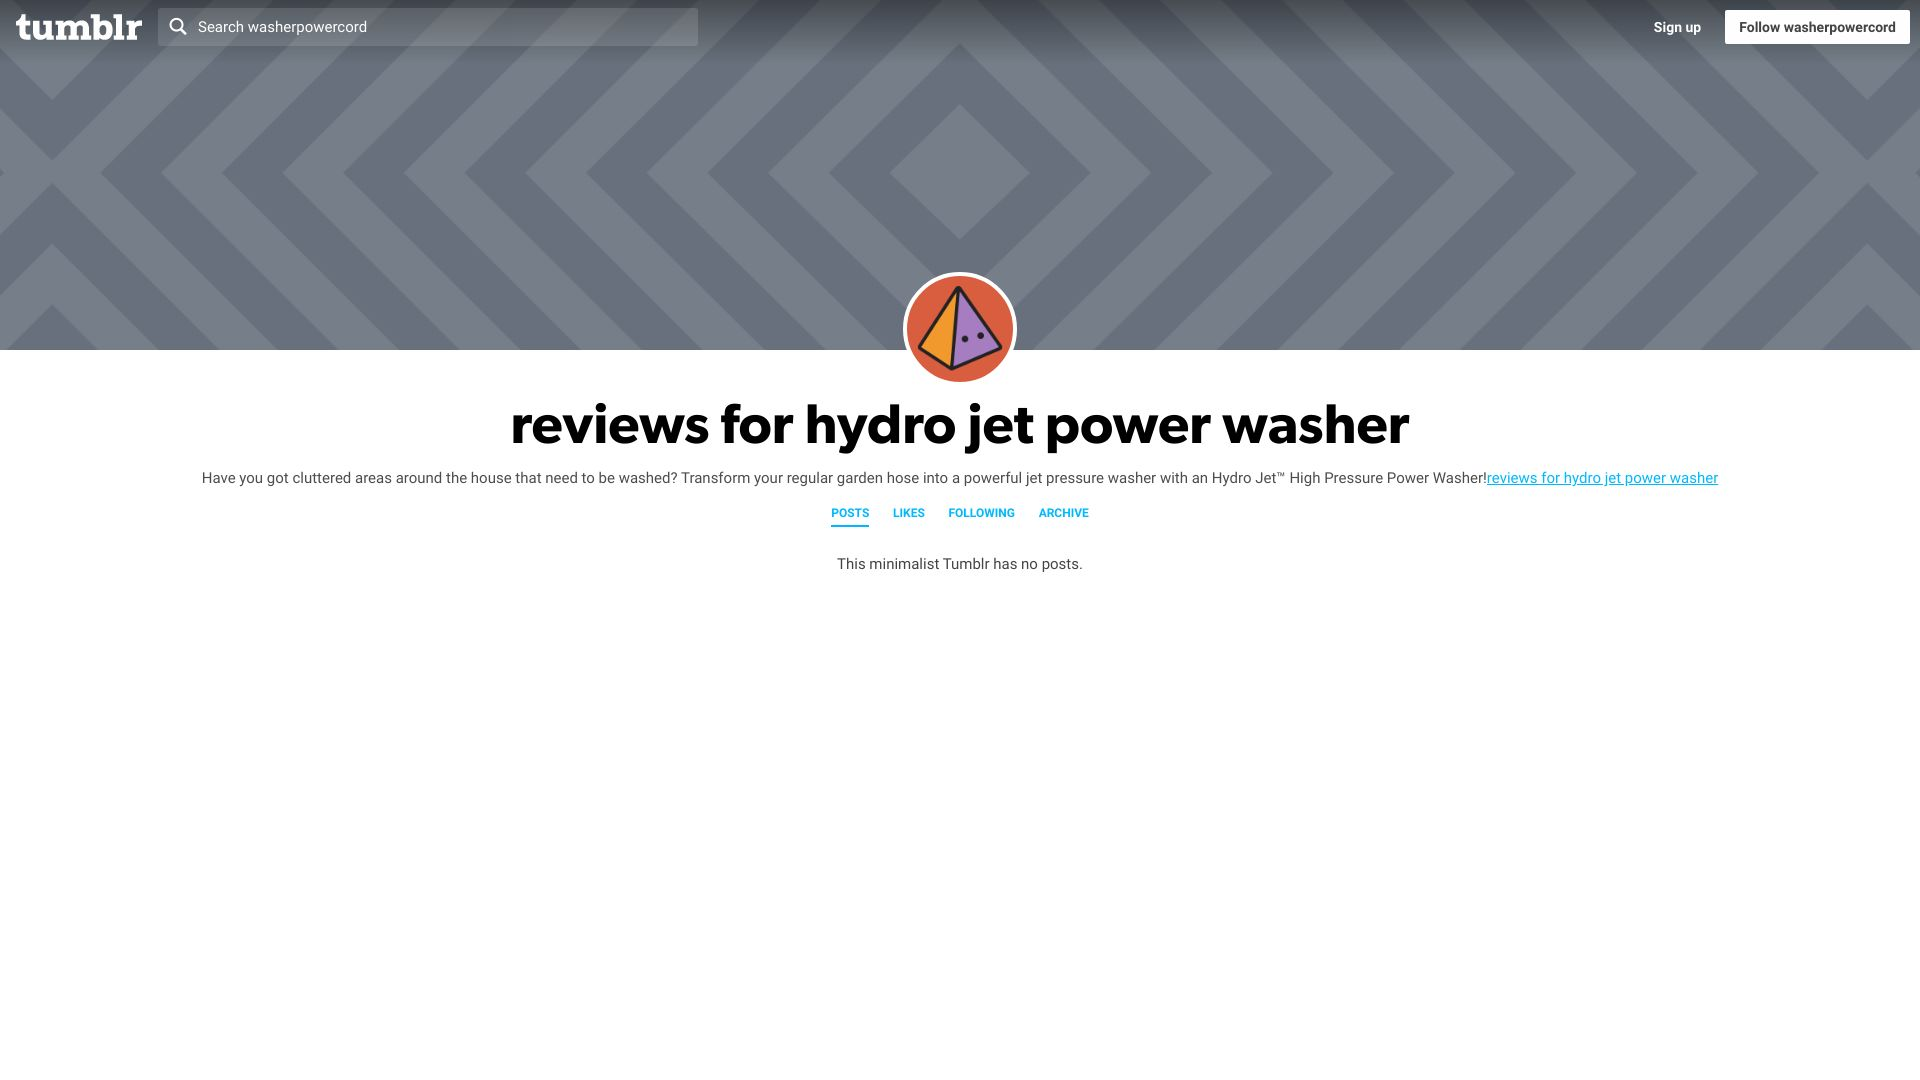 washerpowercord.tumblr.com